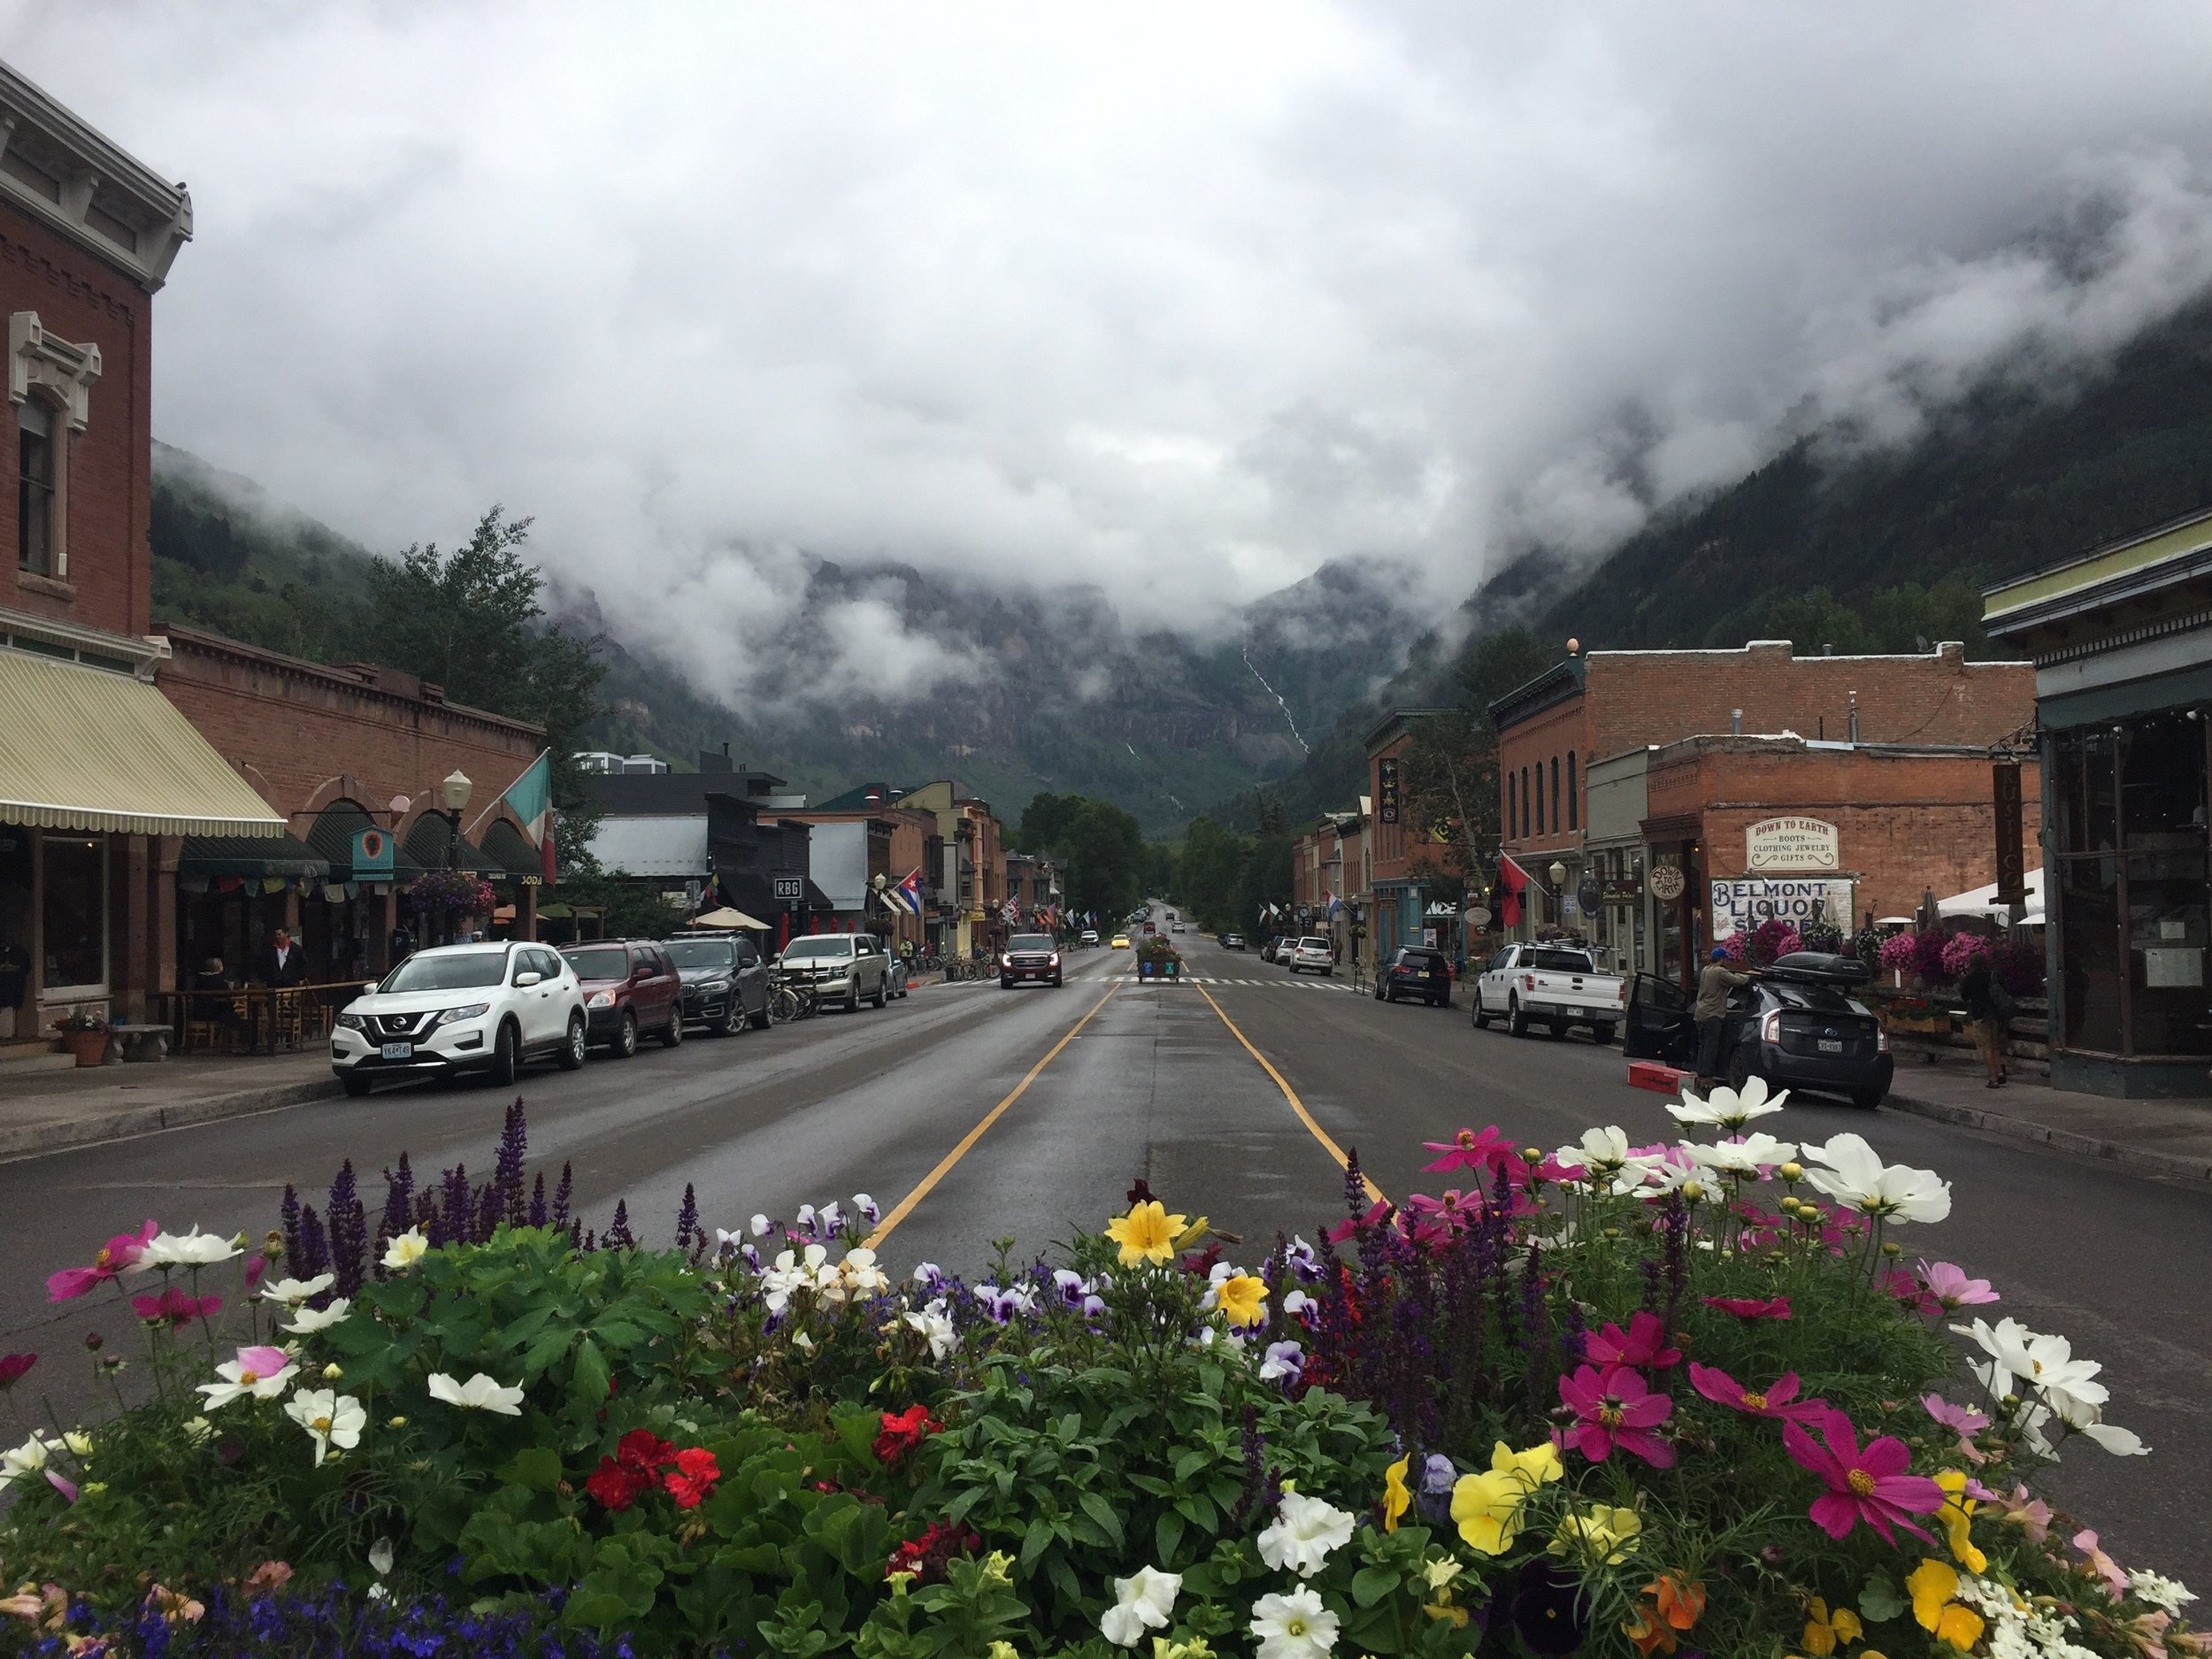 A moist day in Telluride